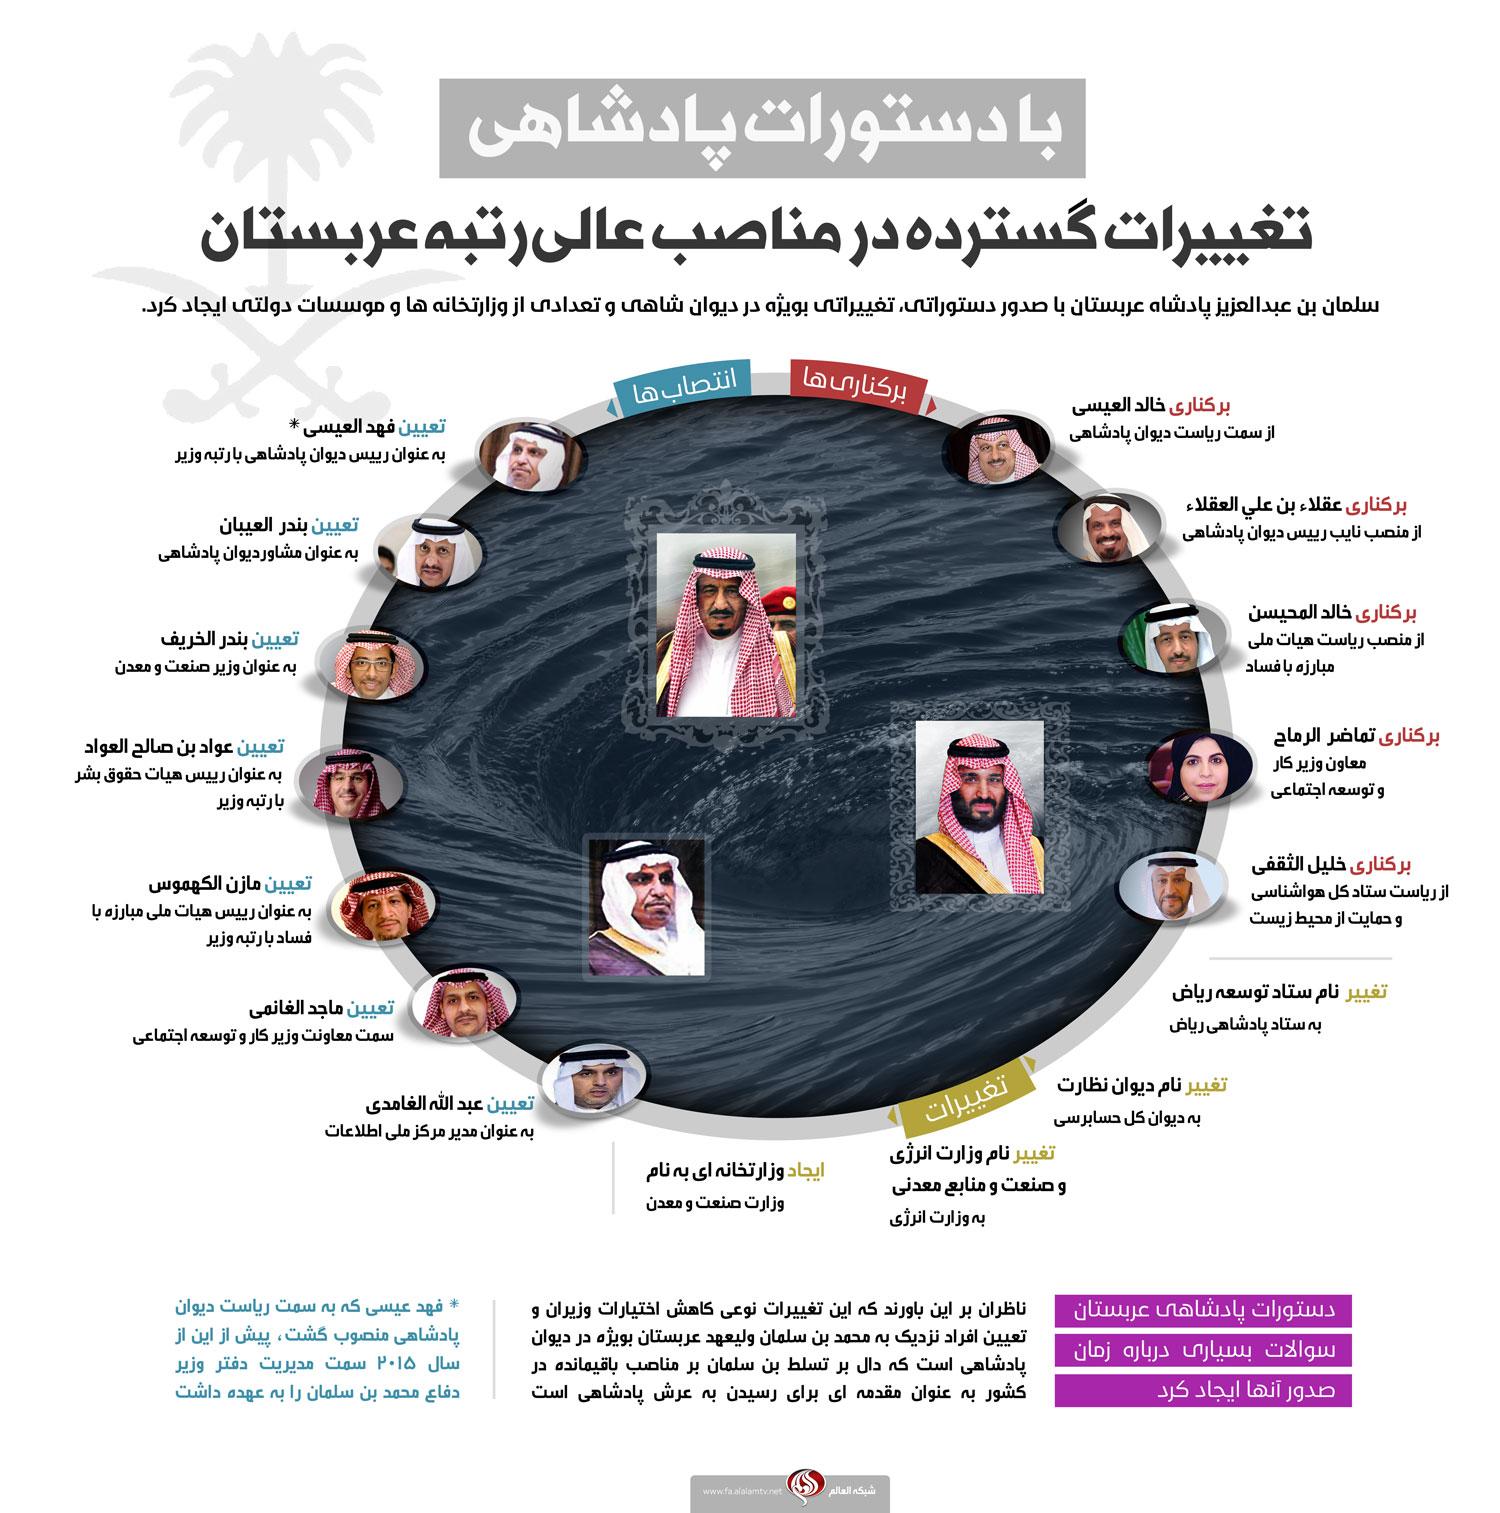 زلزله در کابینه سیاسی عربستان سعودی +اینفوگرافیک